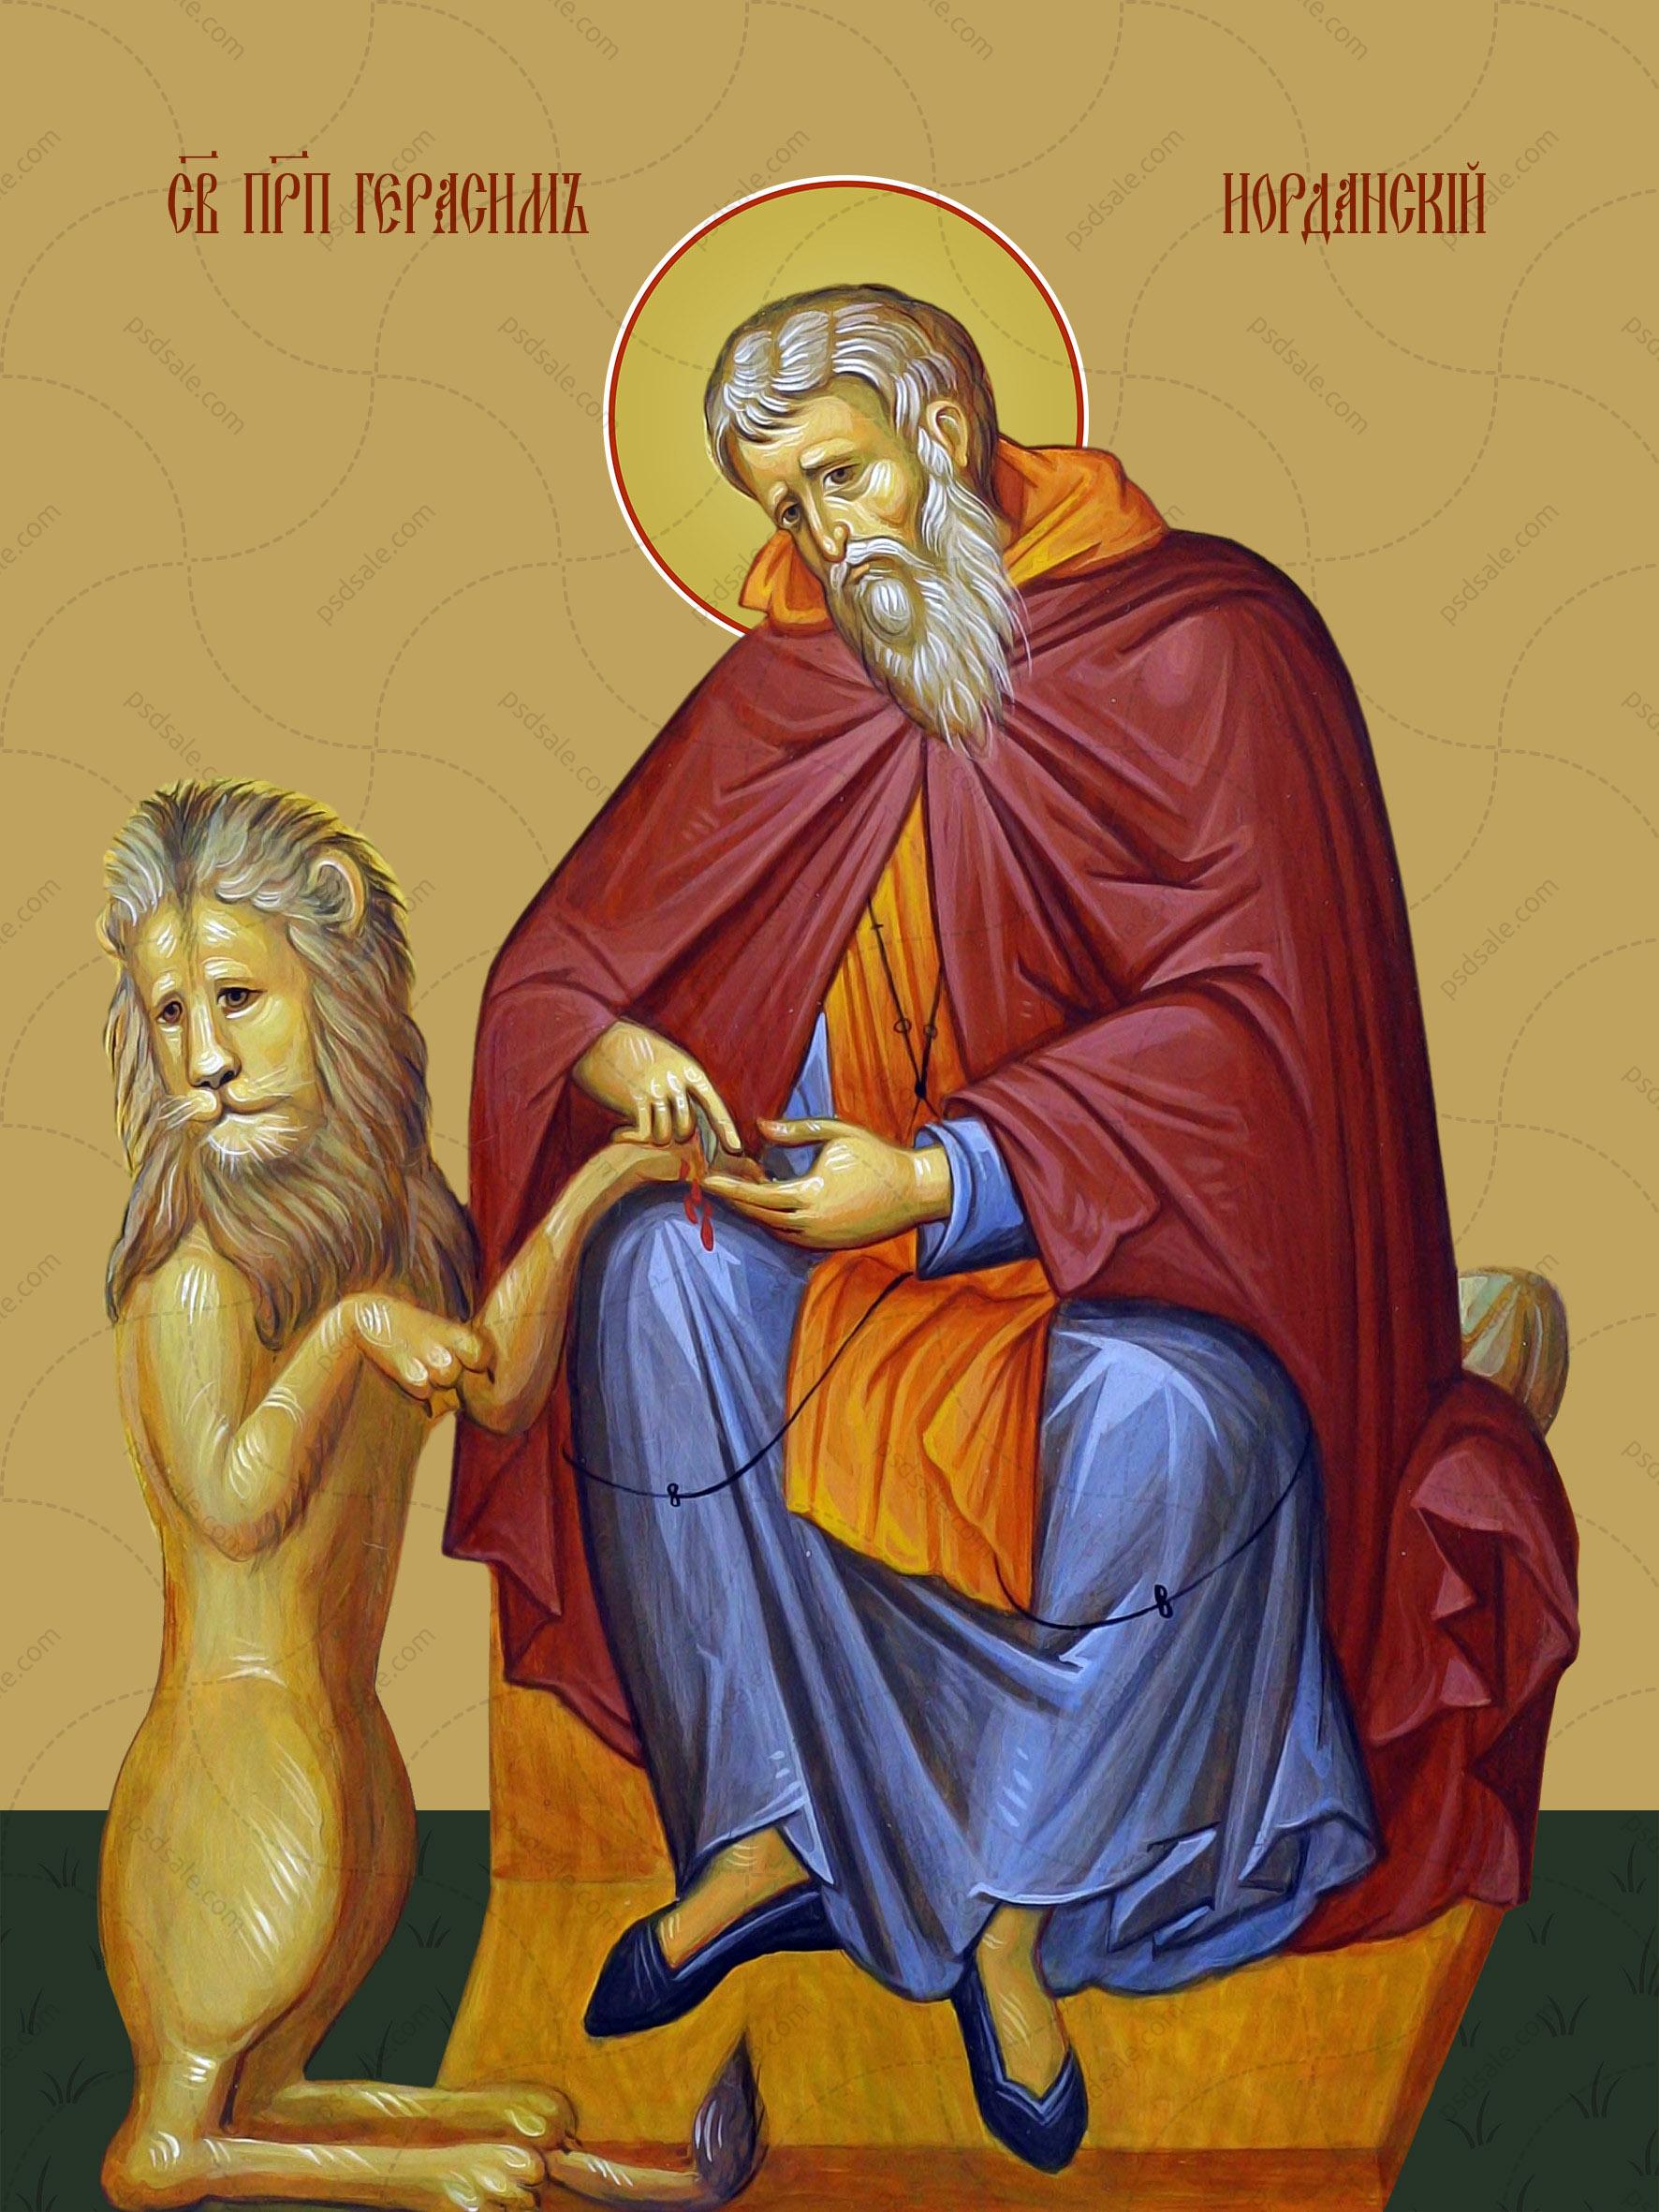 Герасим Иорданский, преподобный